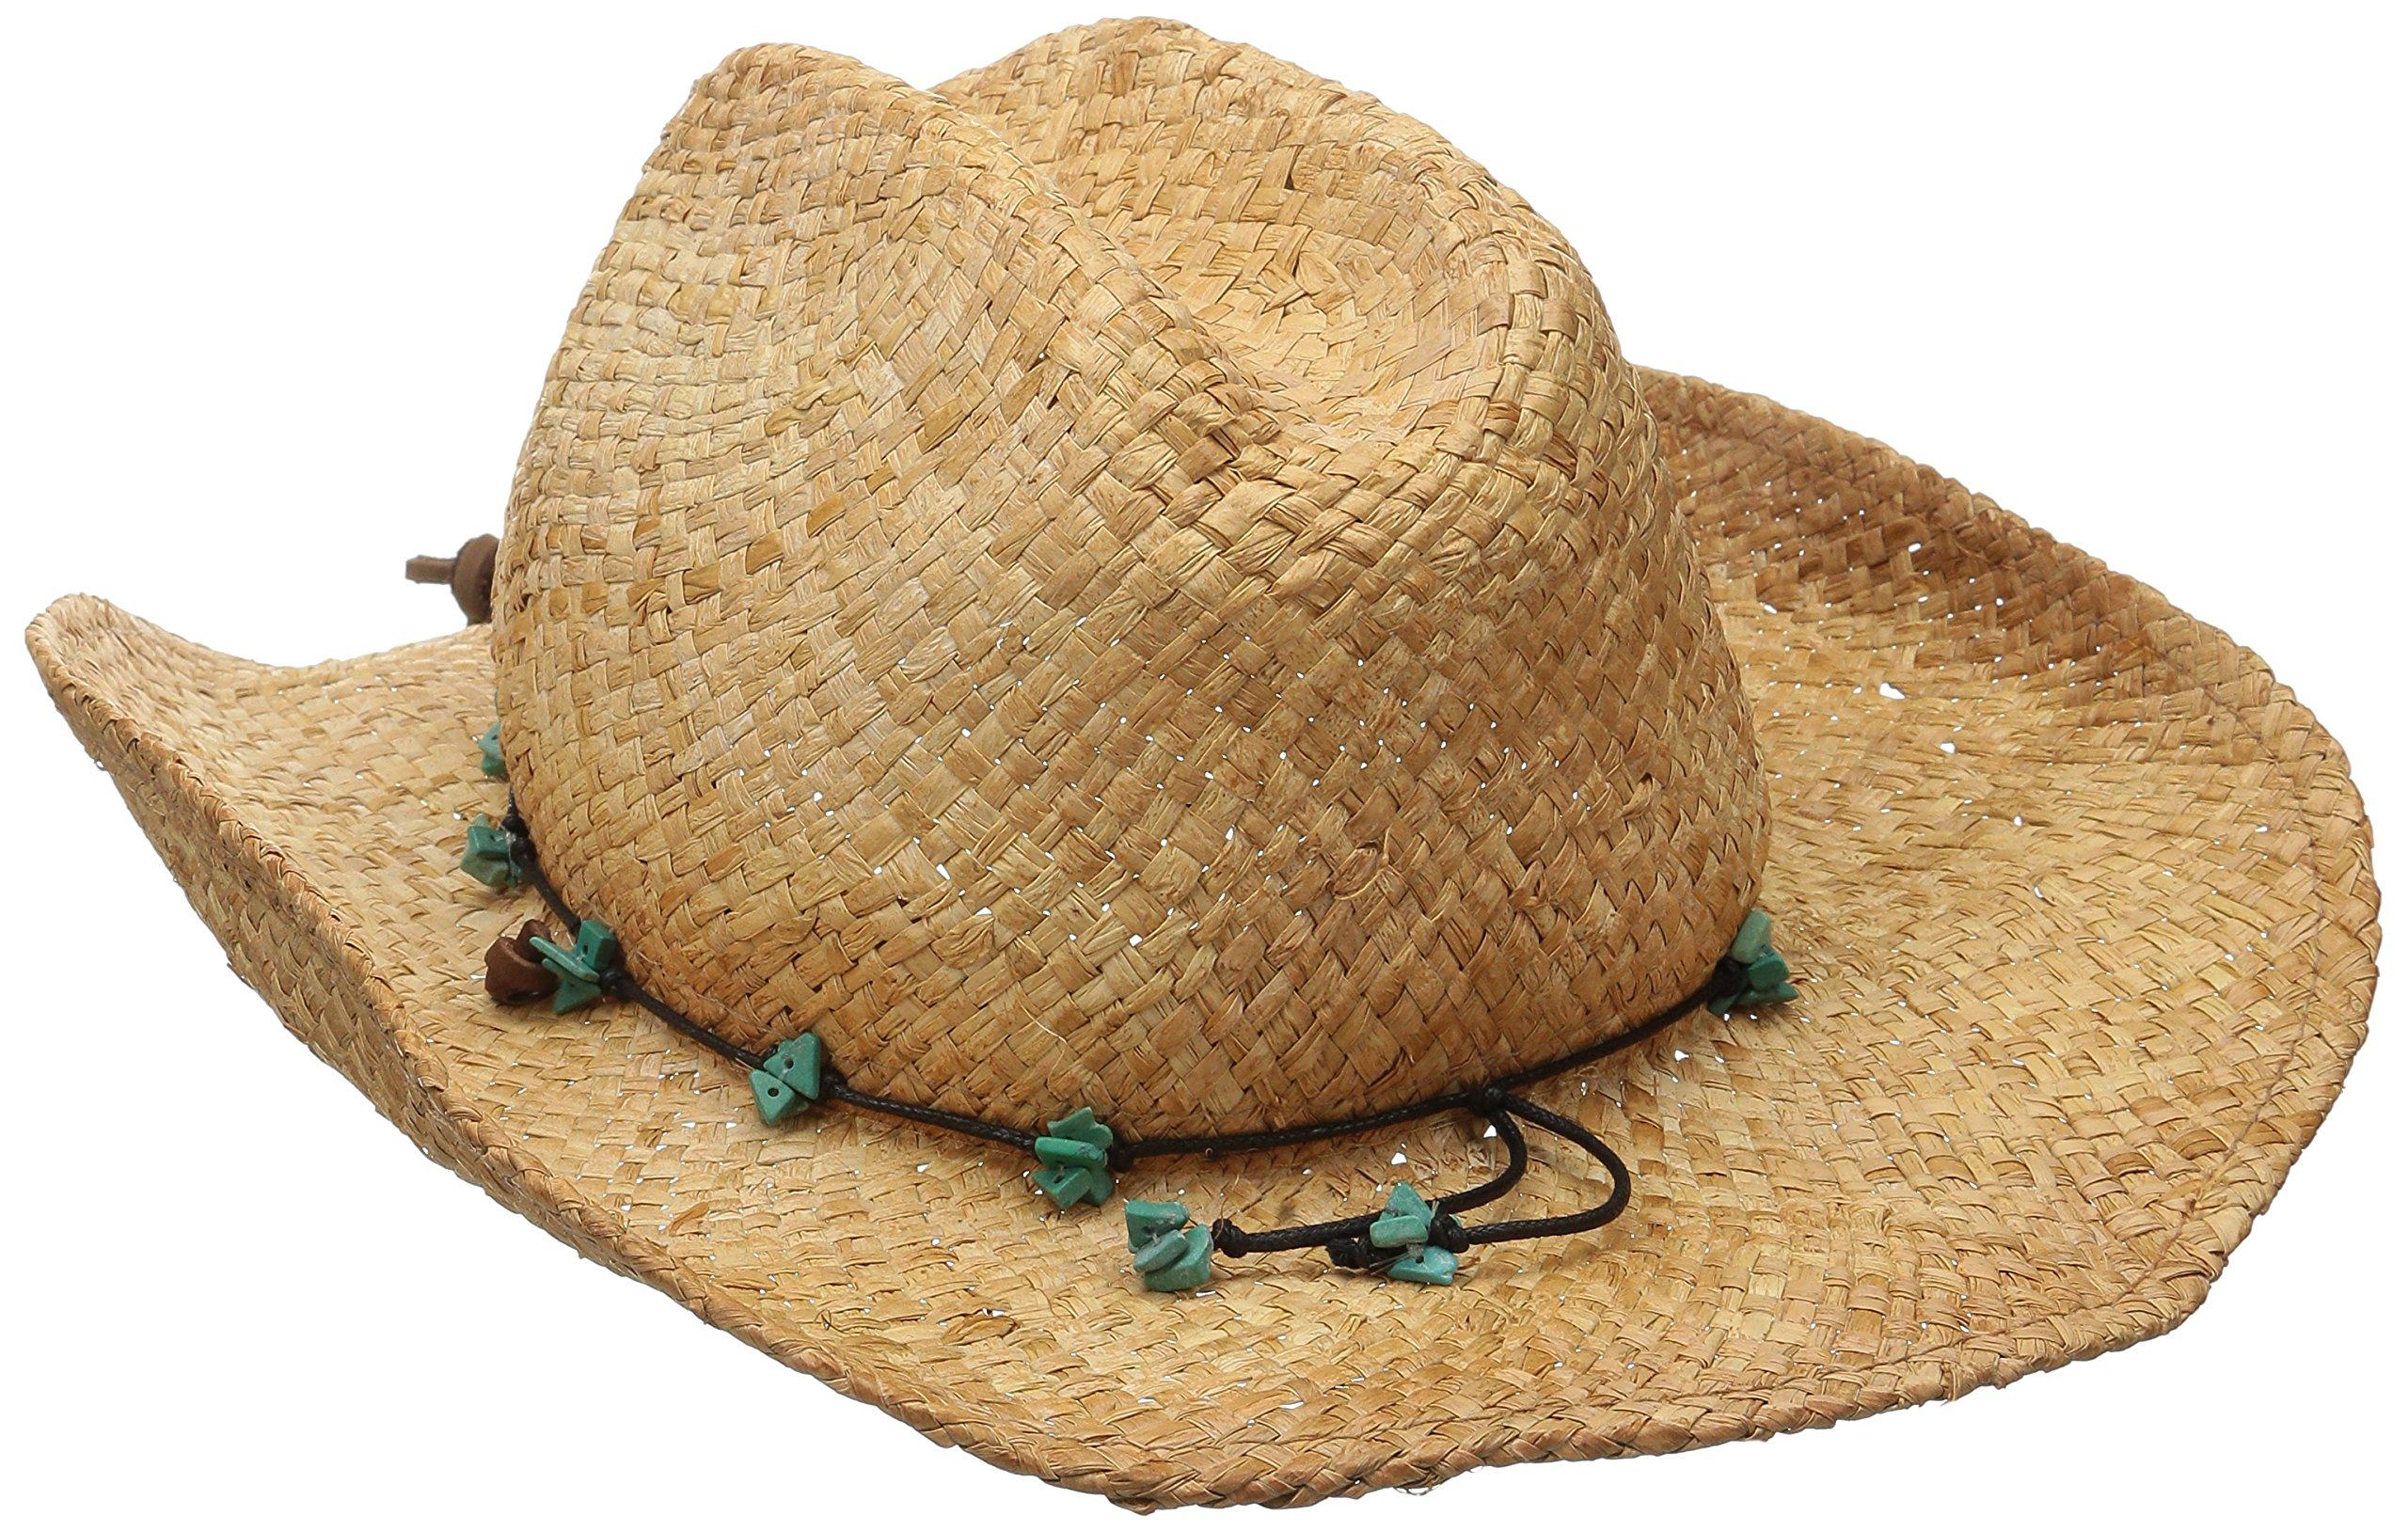 Scala Women's Straw Cowboy Hat, Tea, One Size by SCALA (Image #1)